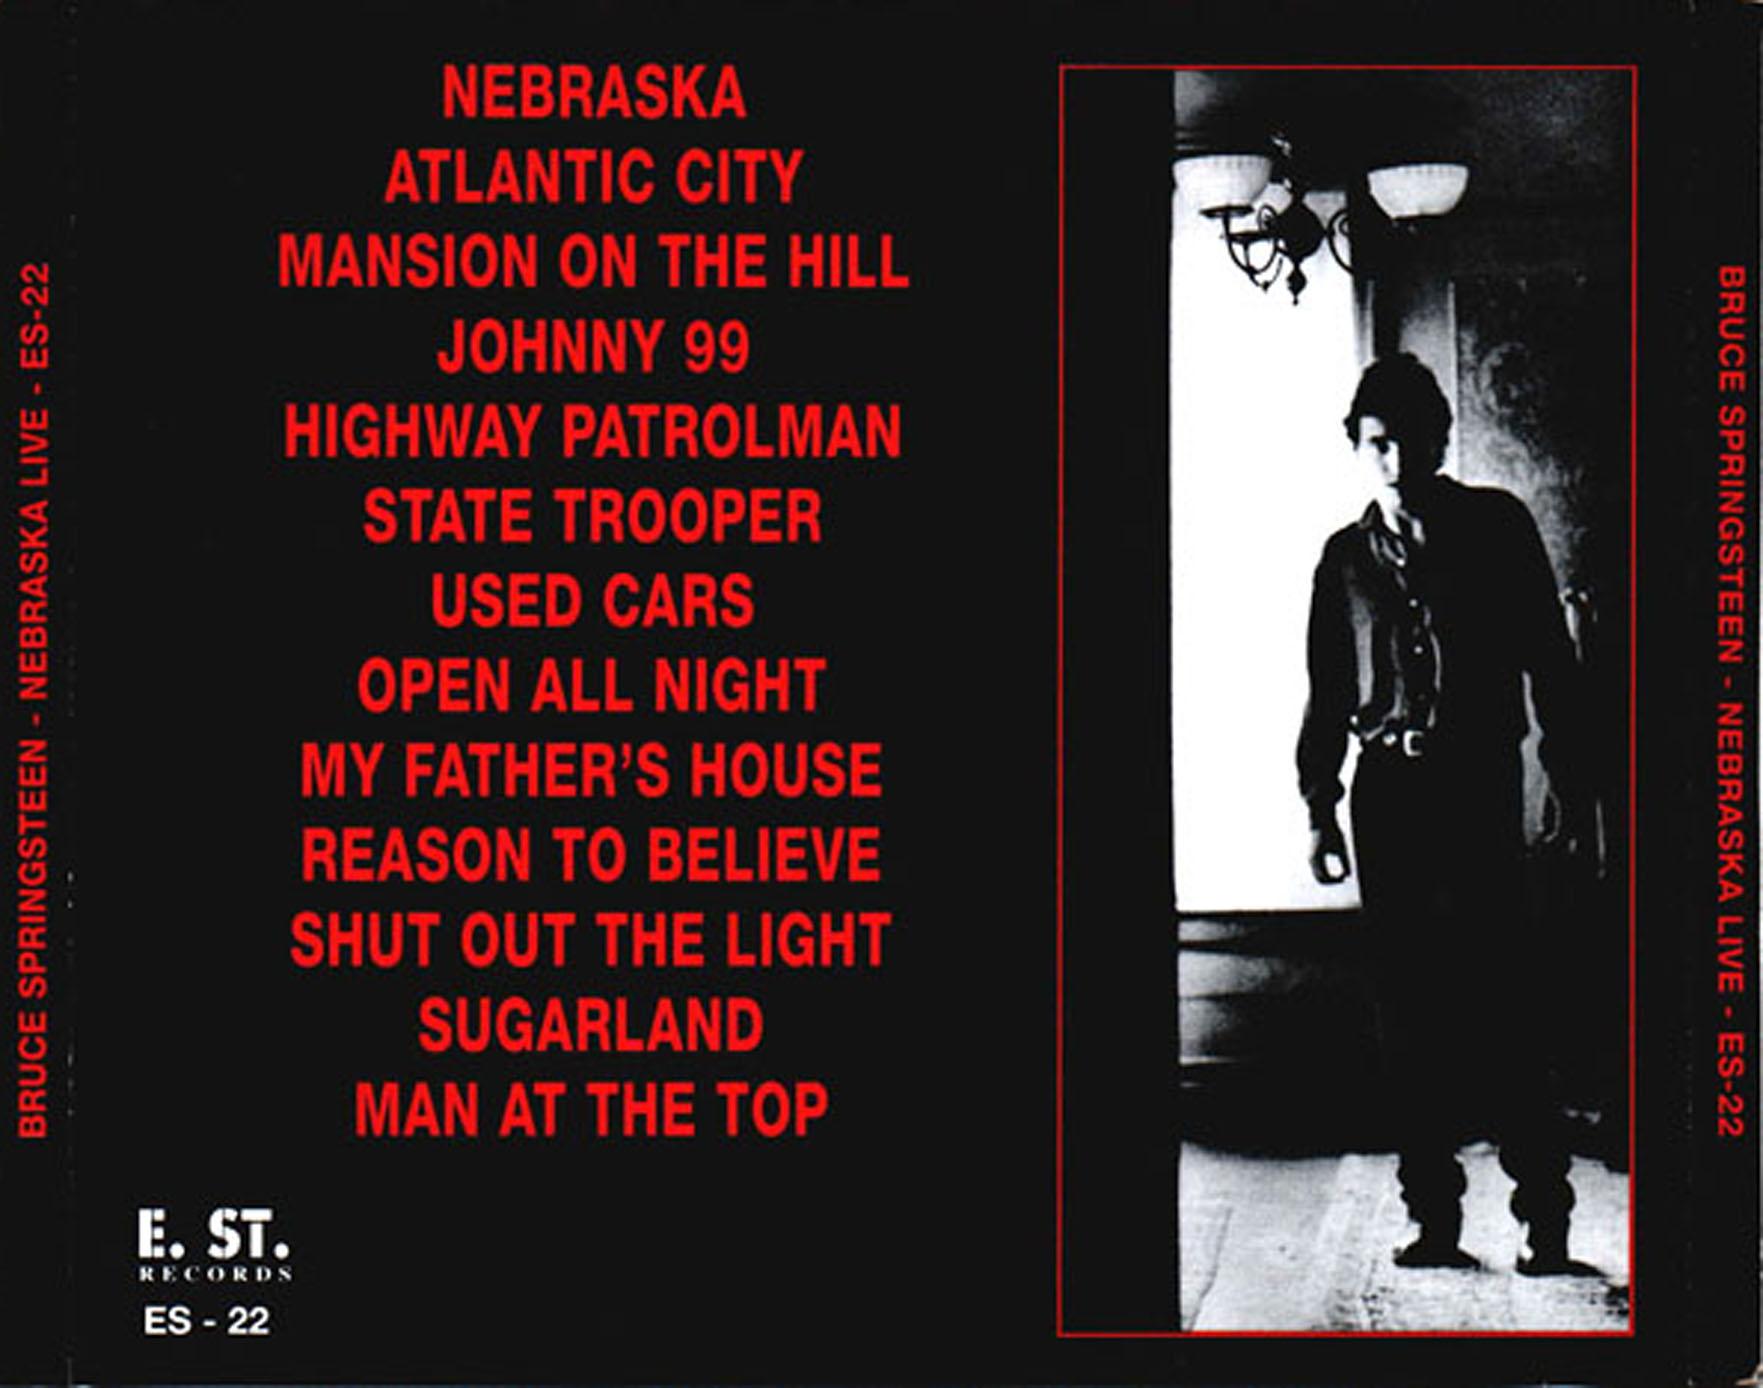 Nebraska Slide